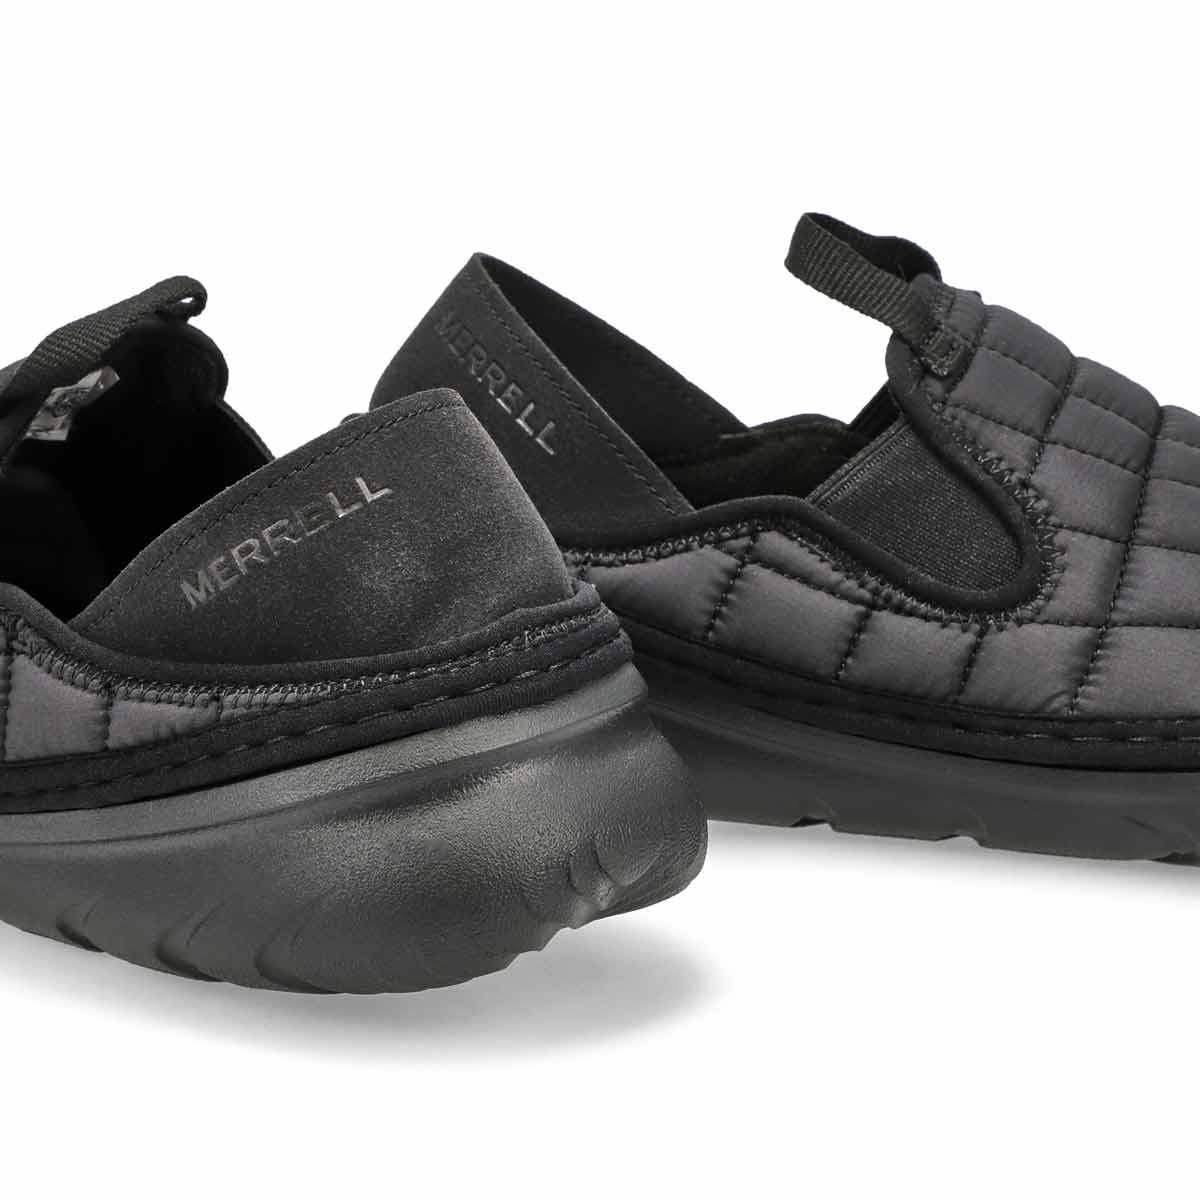 Men's Hut Moc Nylon Slip On Shoe - Black